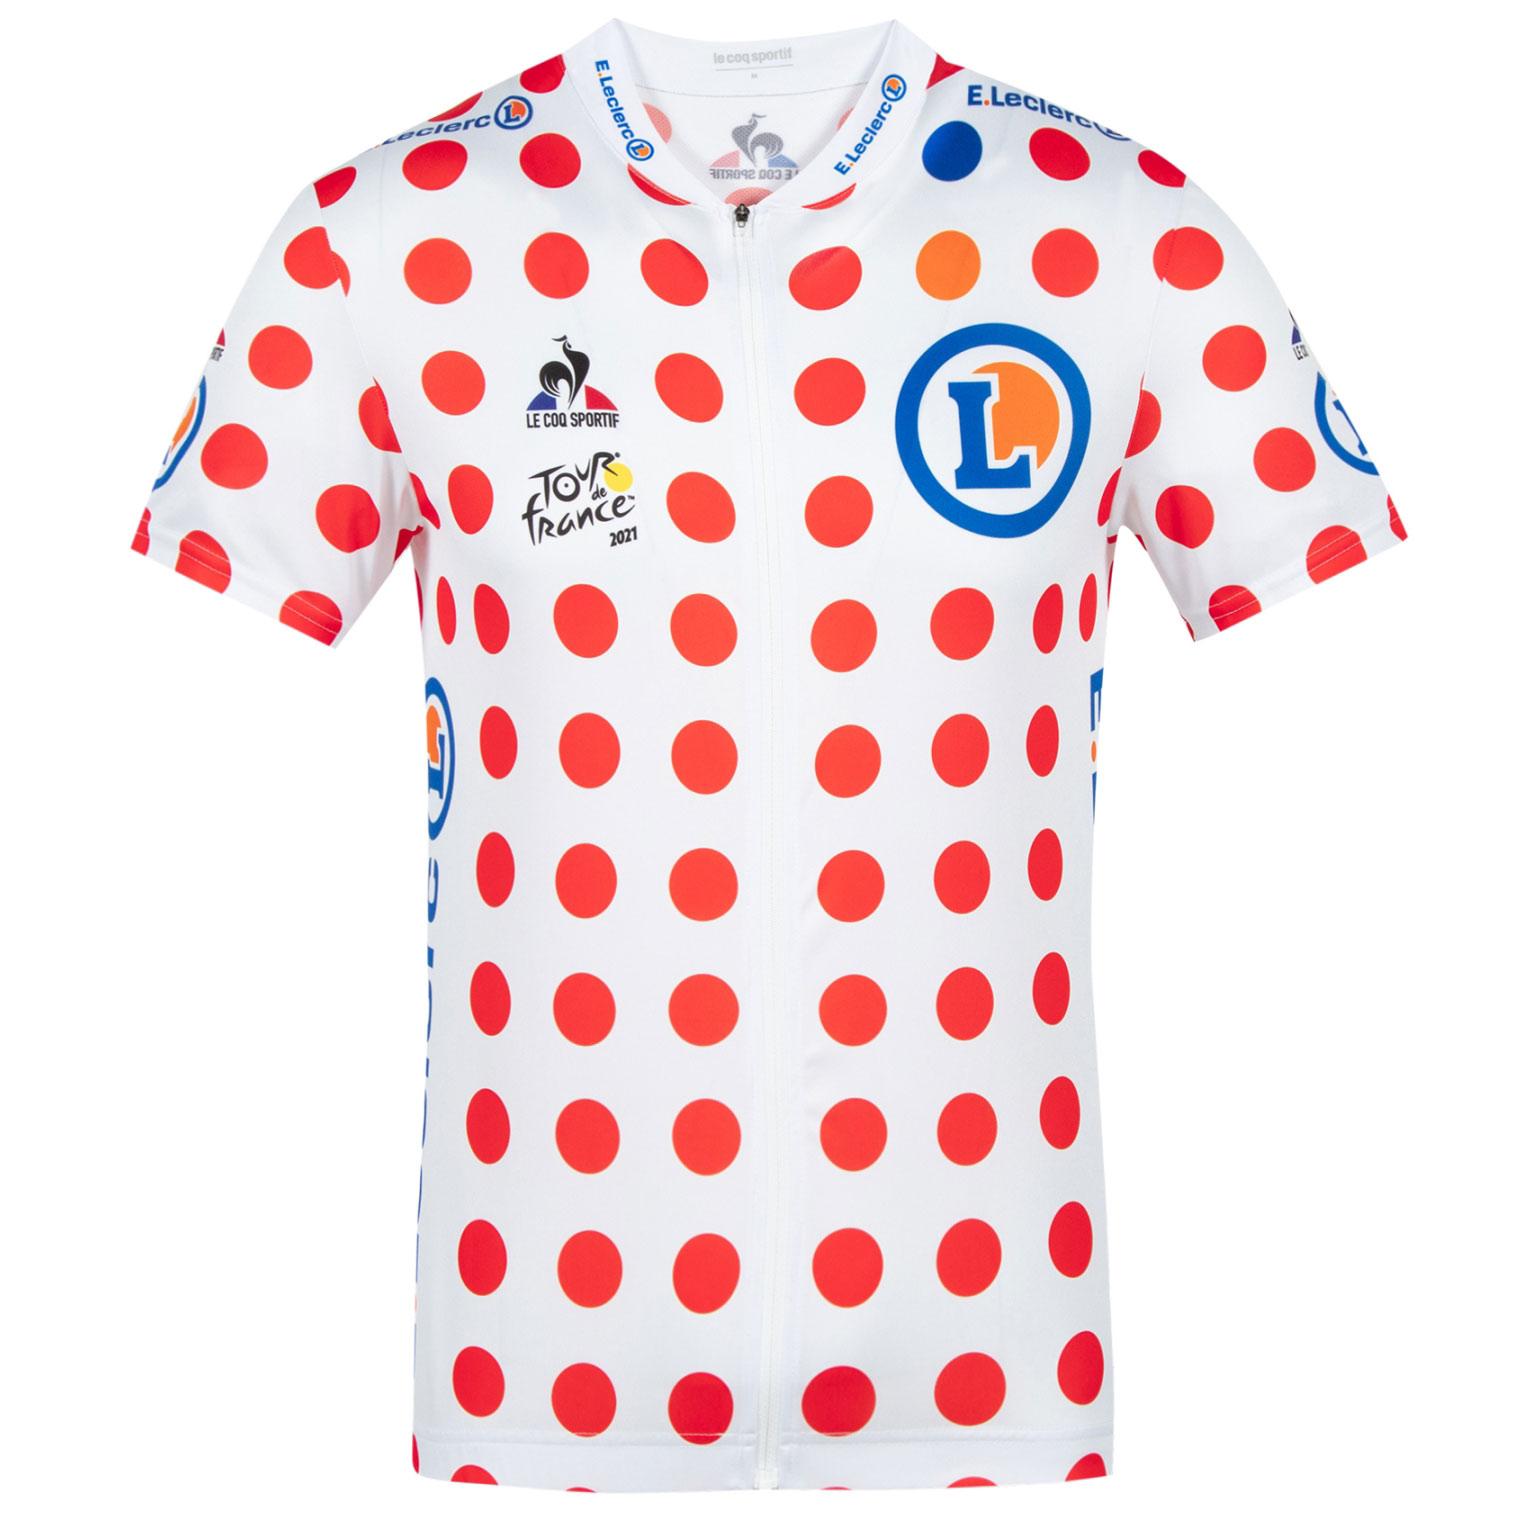 Le Coq Sportif Tour de France™ 2021 Collection Replica Kinder Kurzarm-Trikot - Gepunktet